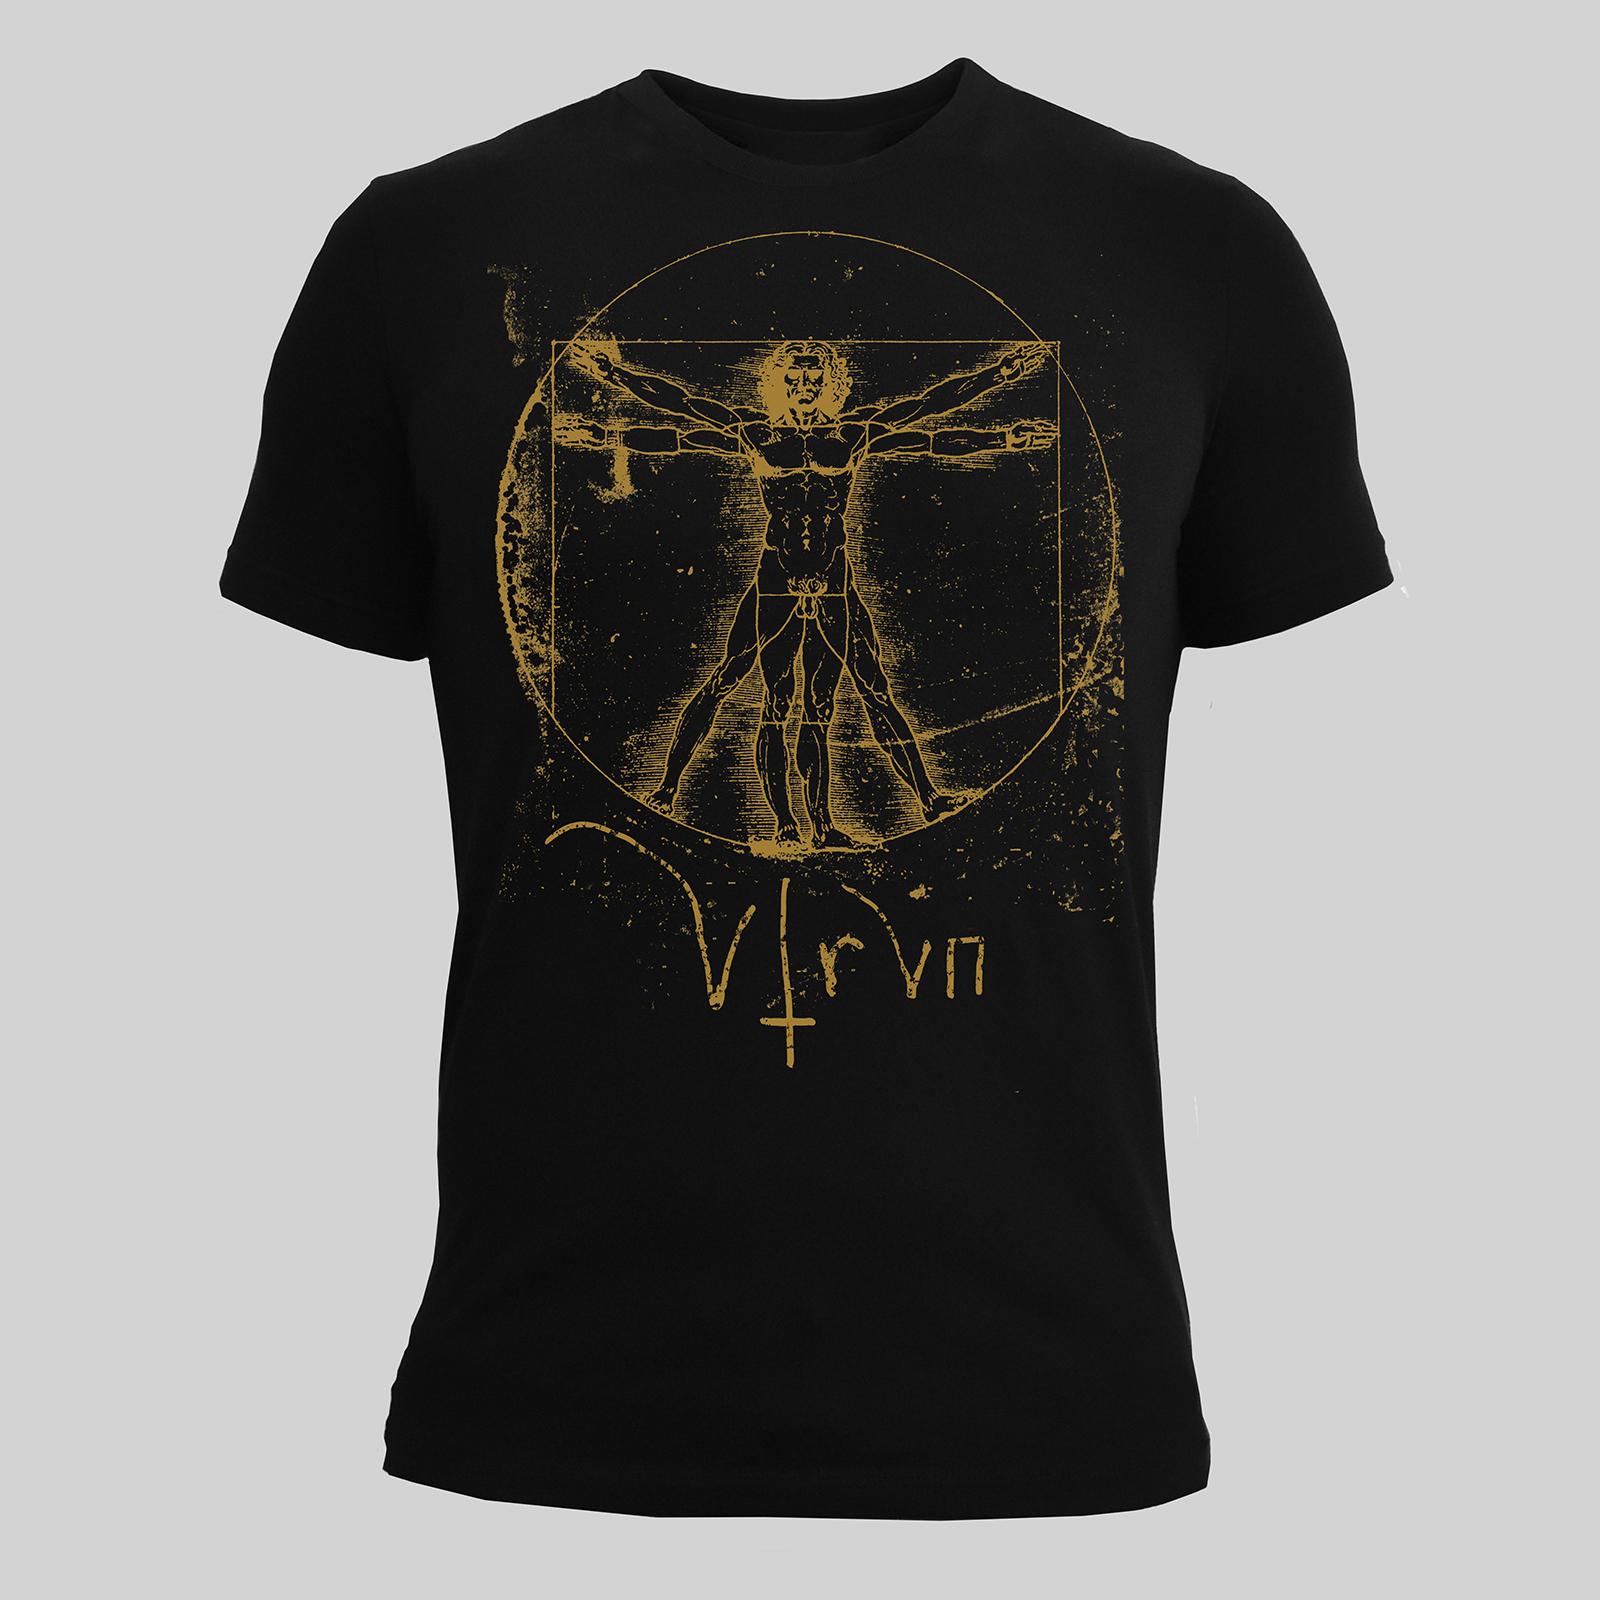 Tshirt Marëvnyk Vitruvian